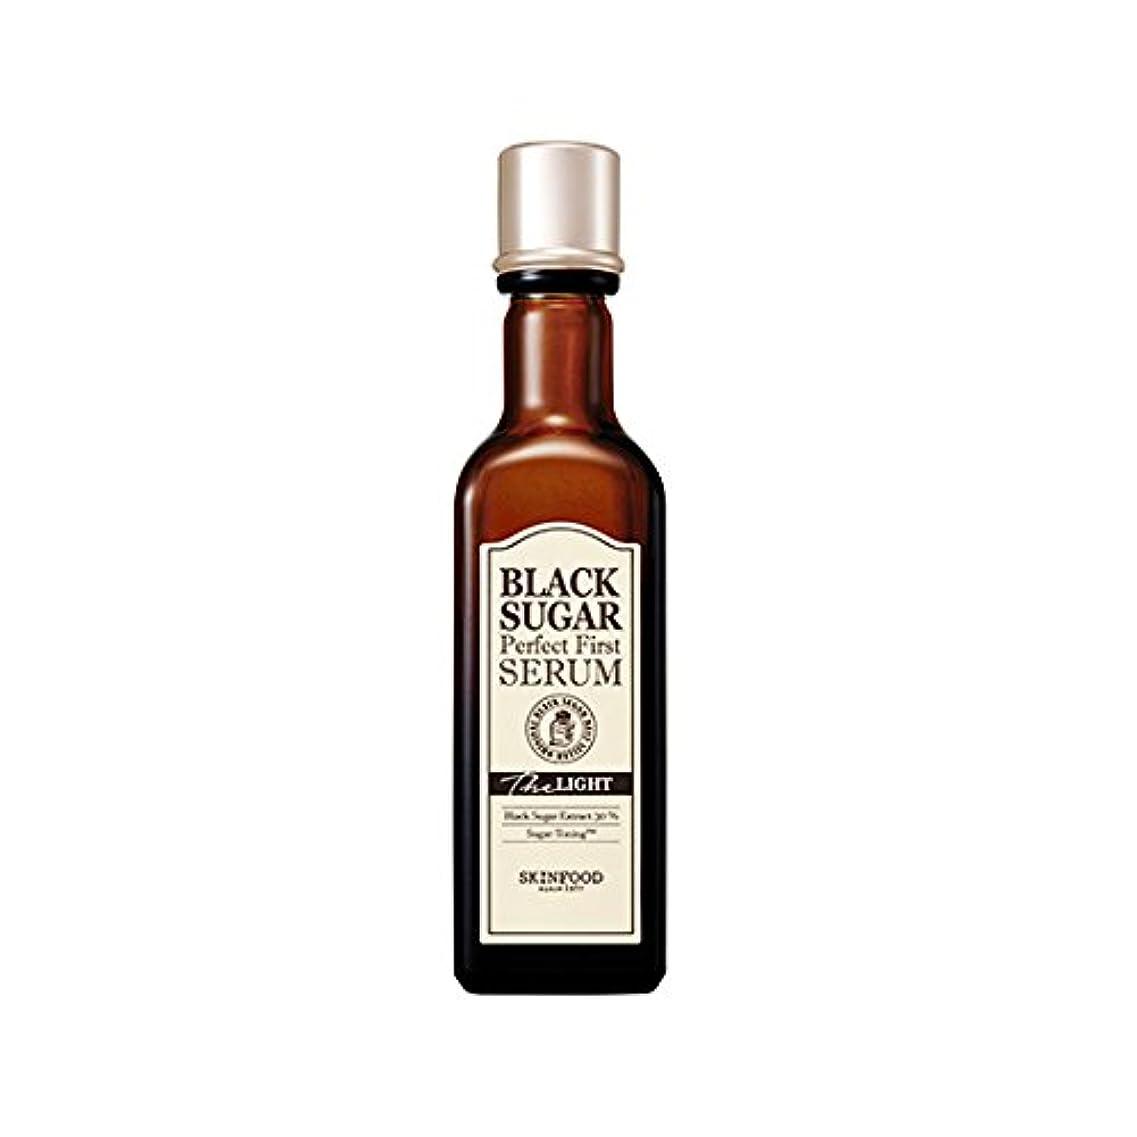 膿瘍計画反対するSkinfood black sugar perfect first serum the light/黒糖完全最初血清ライト/120ml + 60? [並行輸入品]